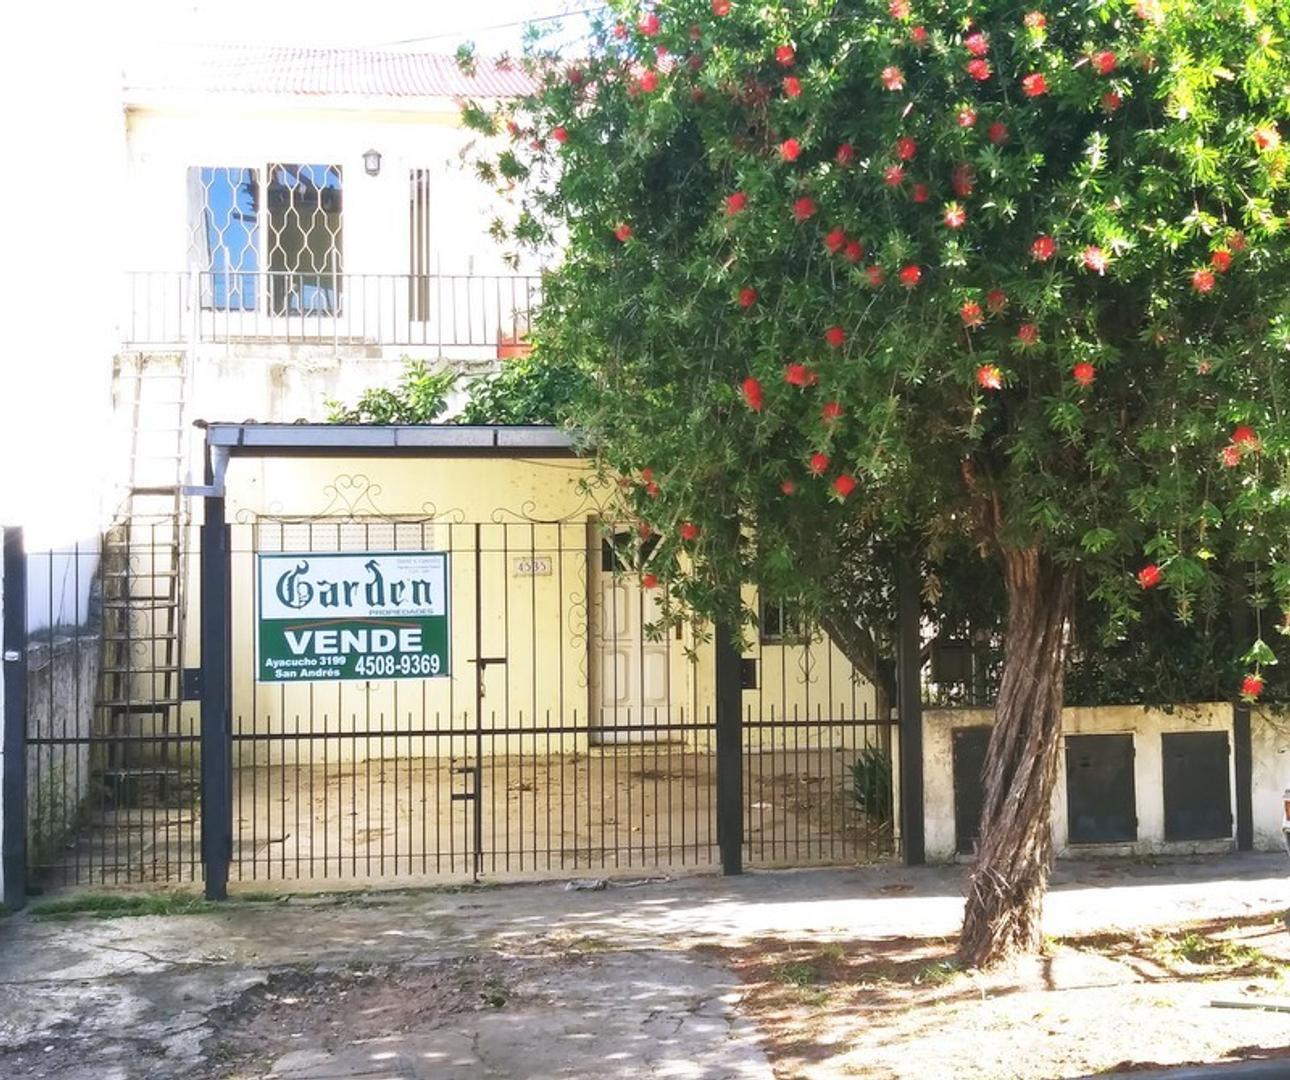 Ph en Venta en Villa Bonich - 7 ambientes